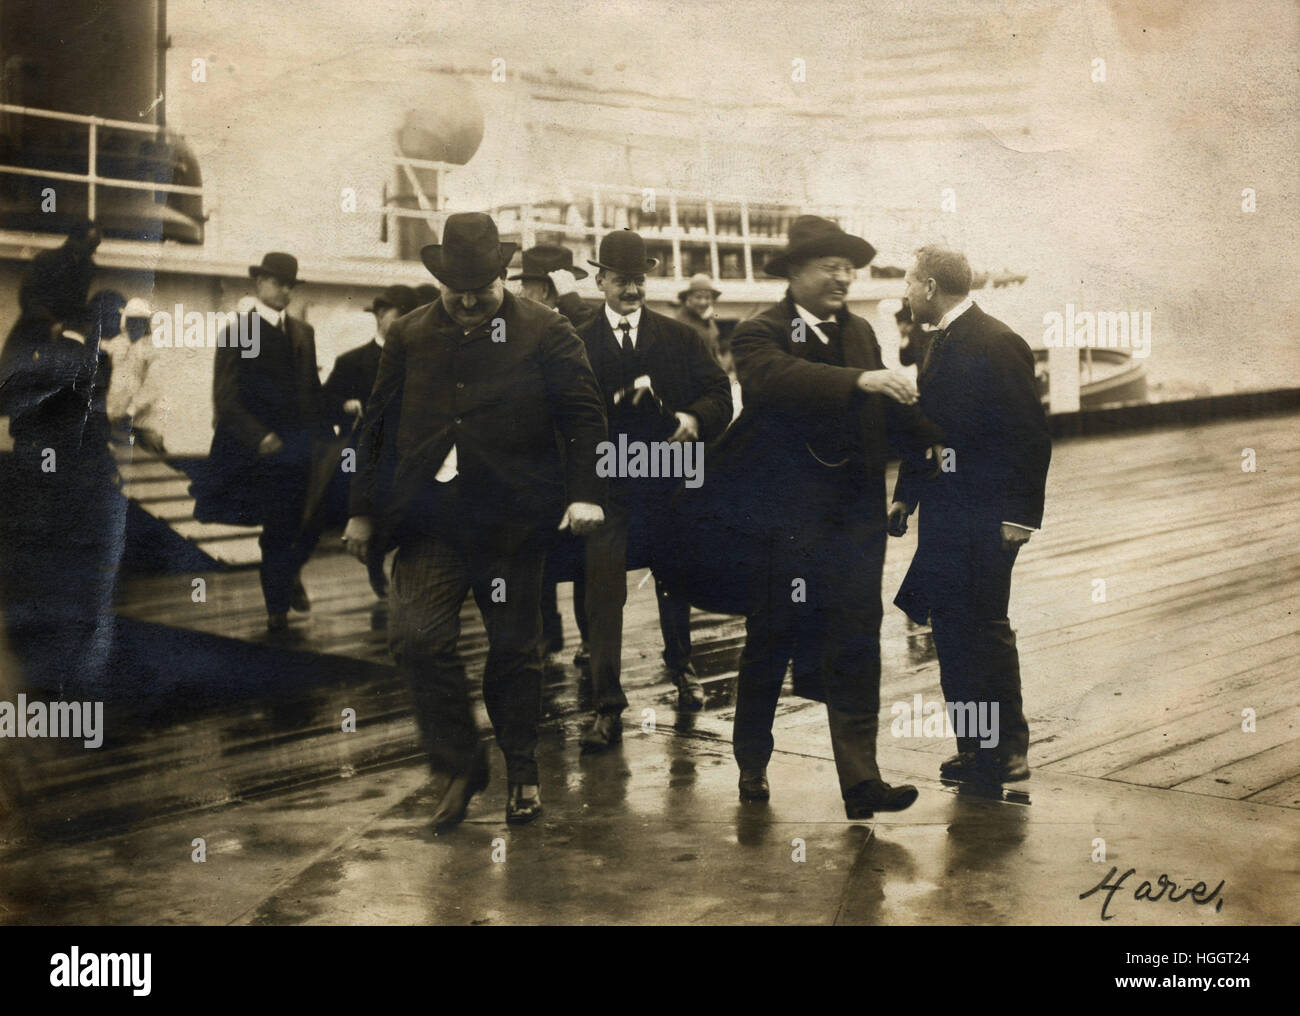 President Roosevelt visits Ellis Island Sept 16 1903  - Ellis Island Immigration Station 1902-1913 - Stock Image